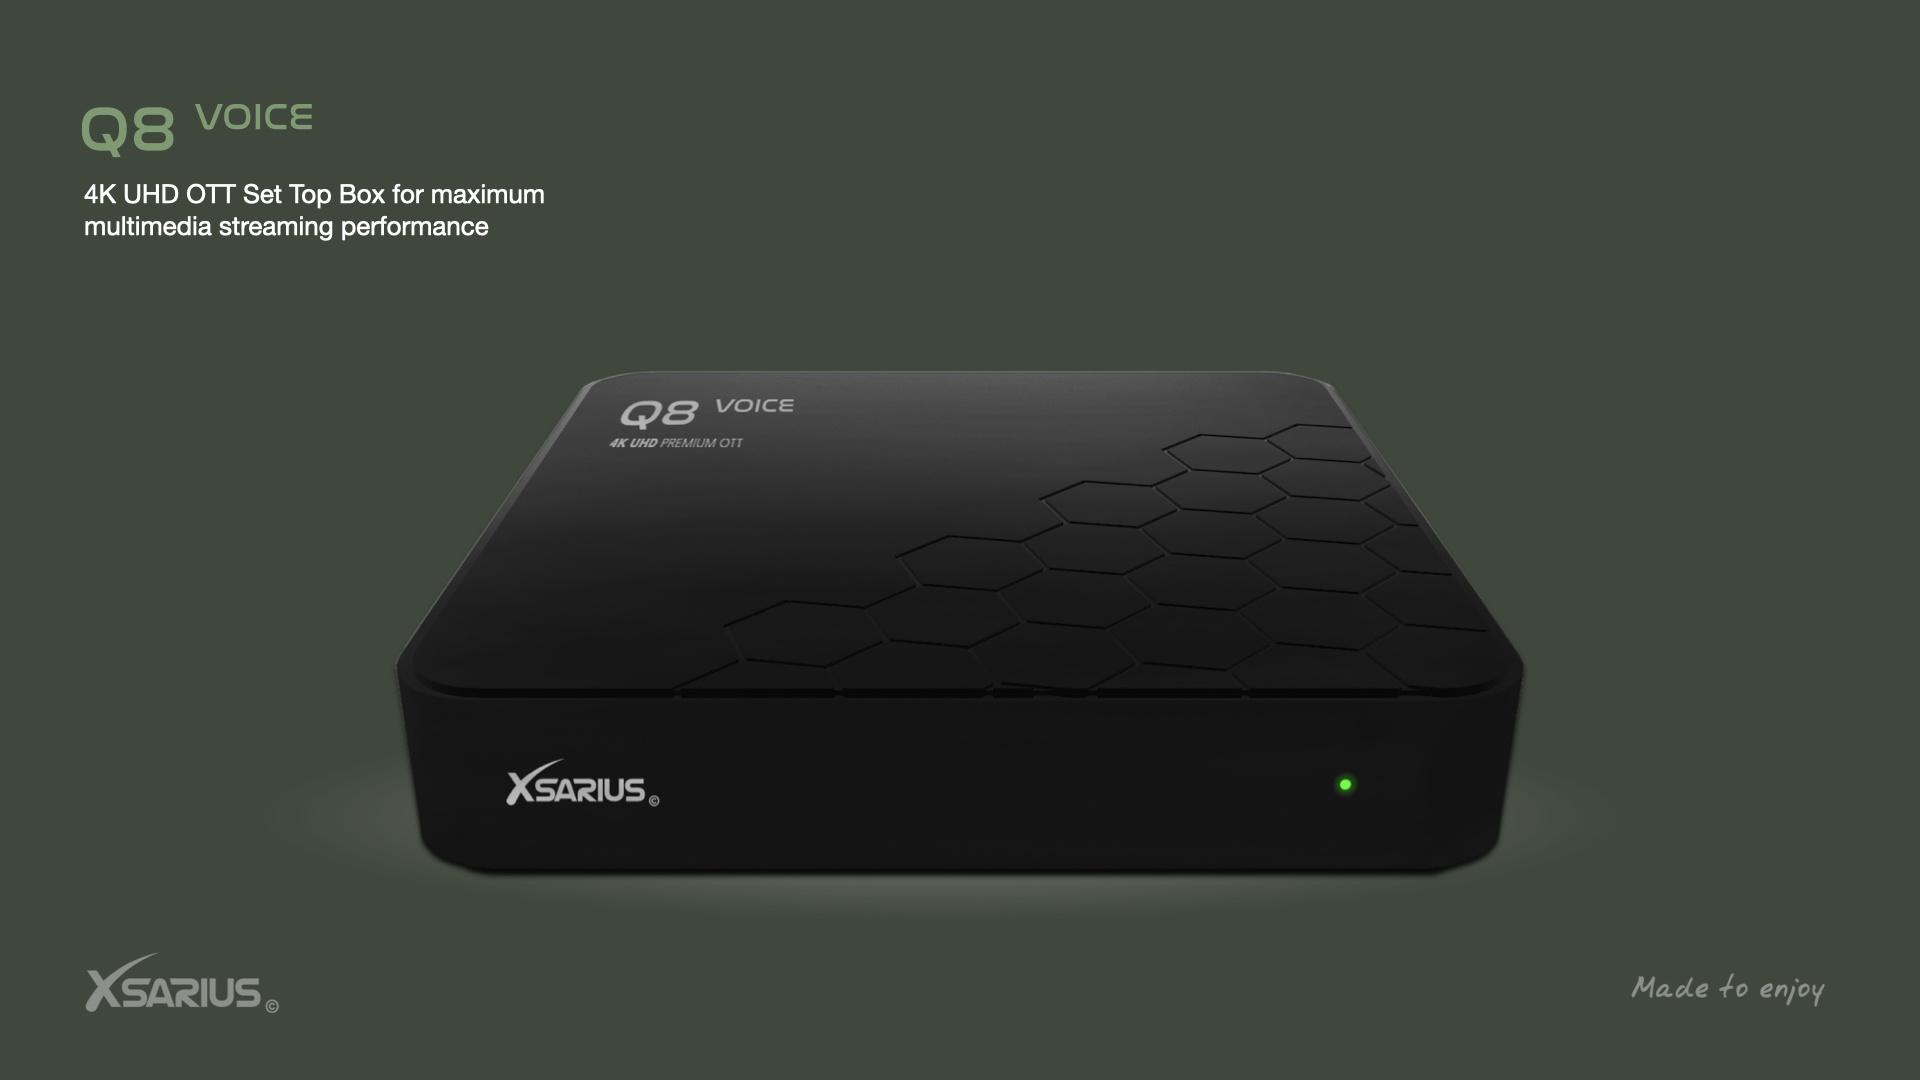 Xsarius Q8 Voice